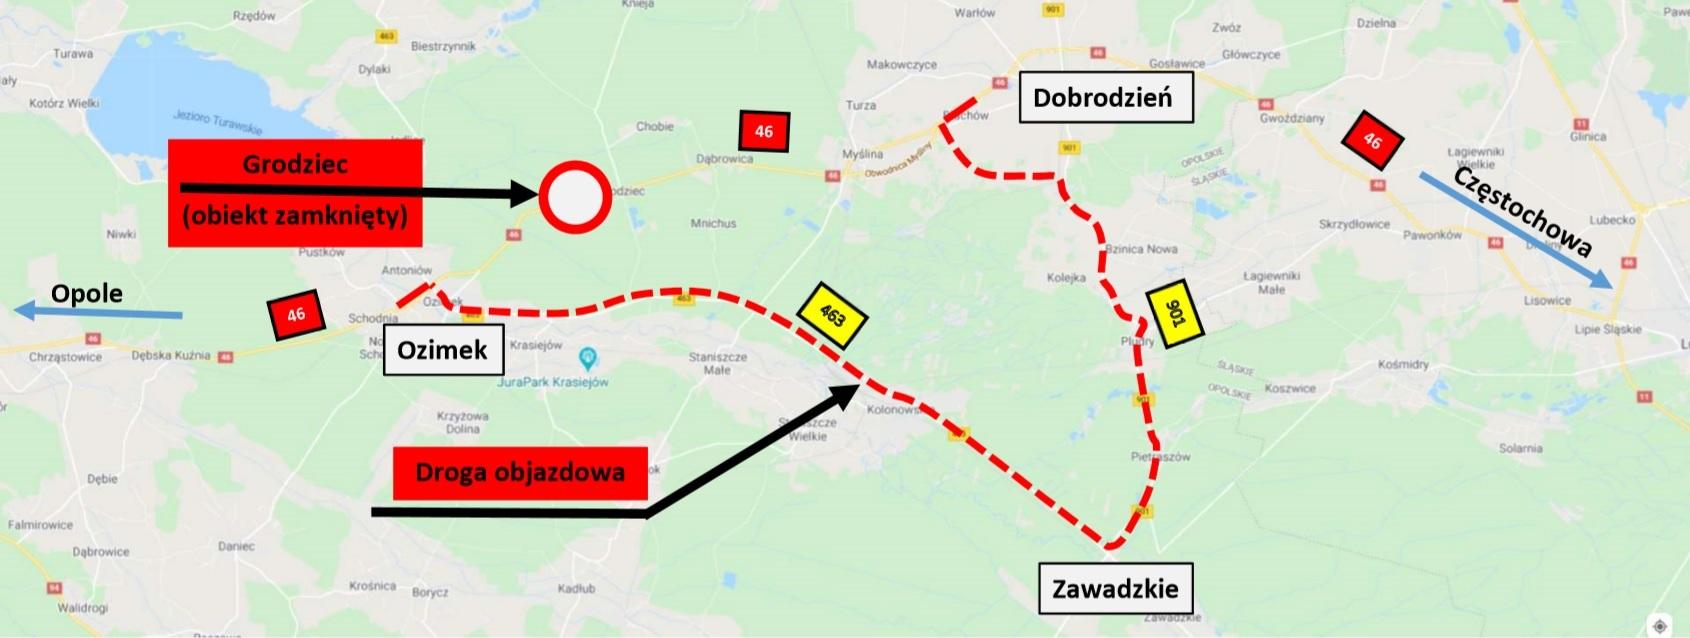 zdjęcie mapy z zaznaczoną mapą objazdu